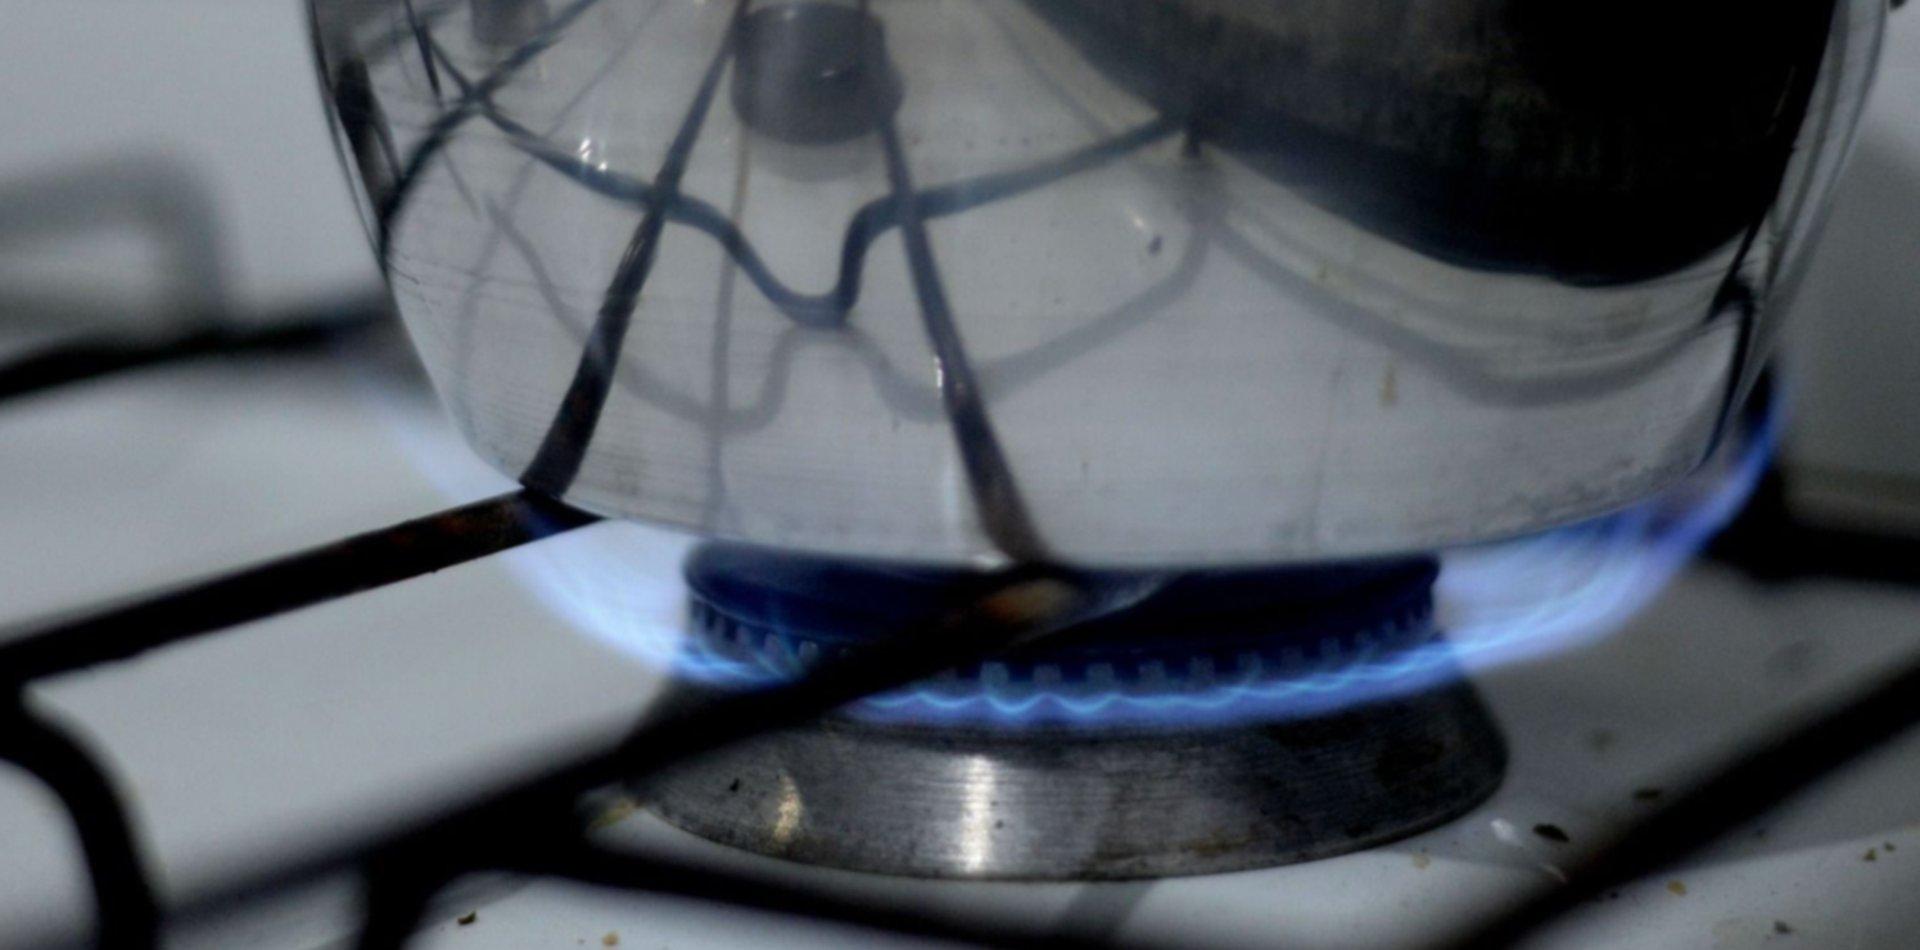 Cinco recomendaciones para evitar intoxicaciones con monóxido de carbono